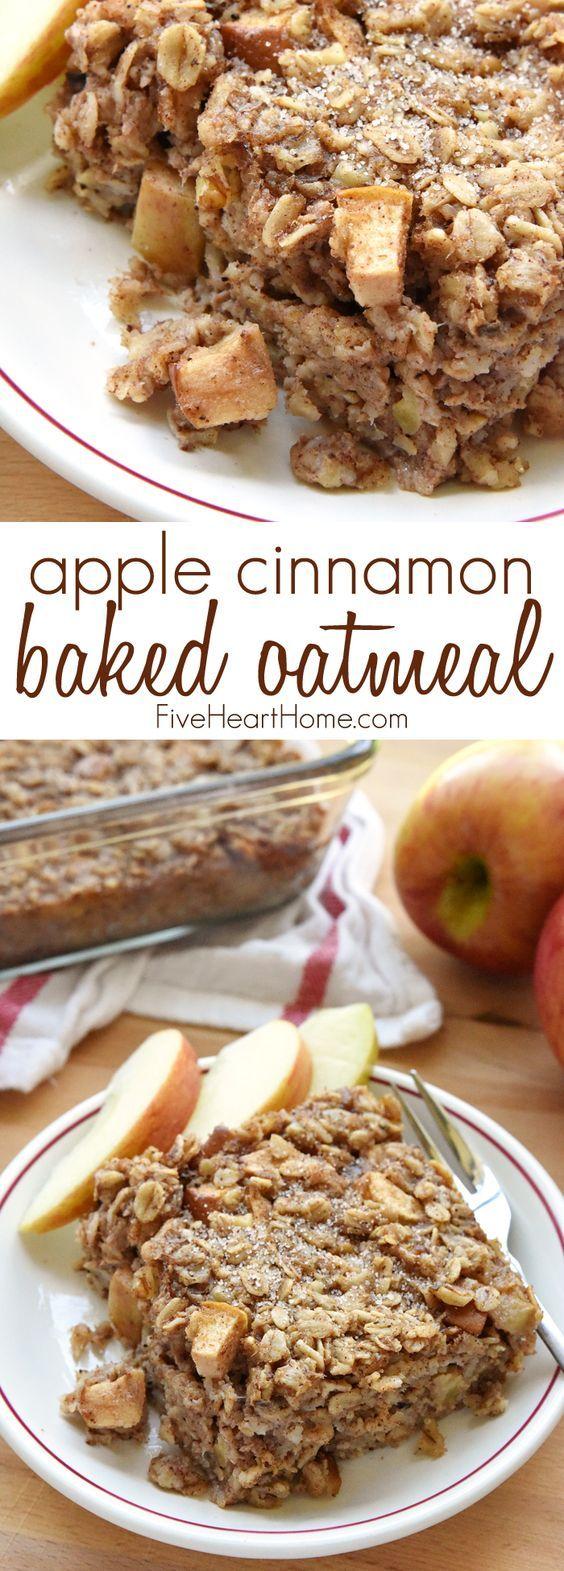 Apple Cinnamon Baked Oatmeal #apple #cinnamon #oatmeal #breakfast #breakfastrecipes #breakfastideas #applecinnamonbaked